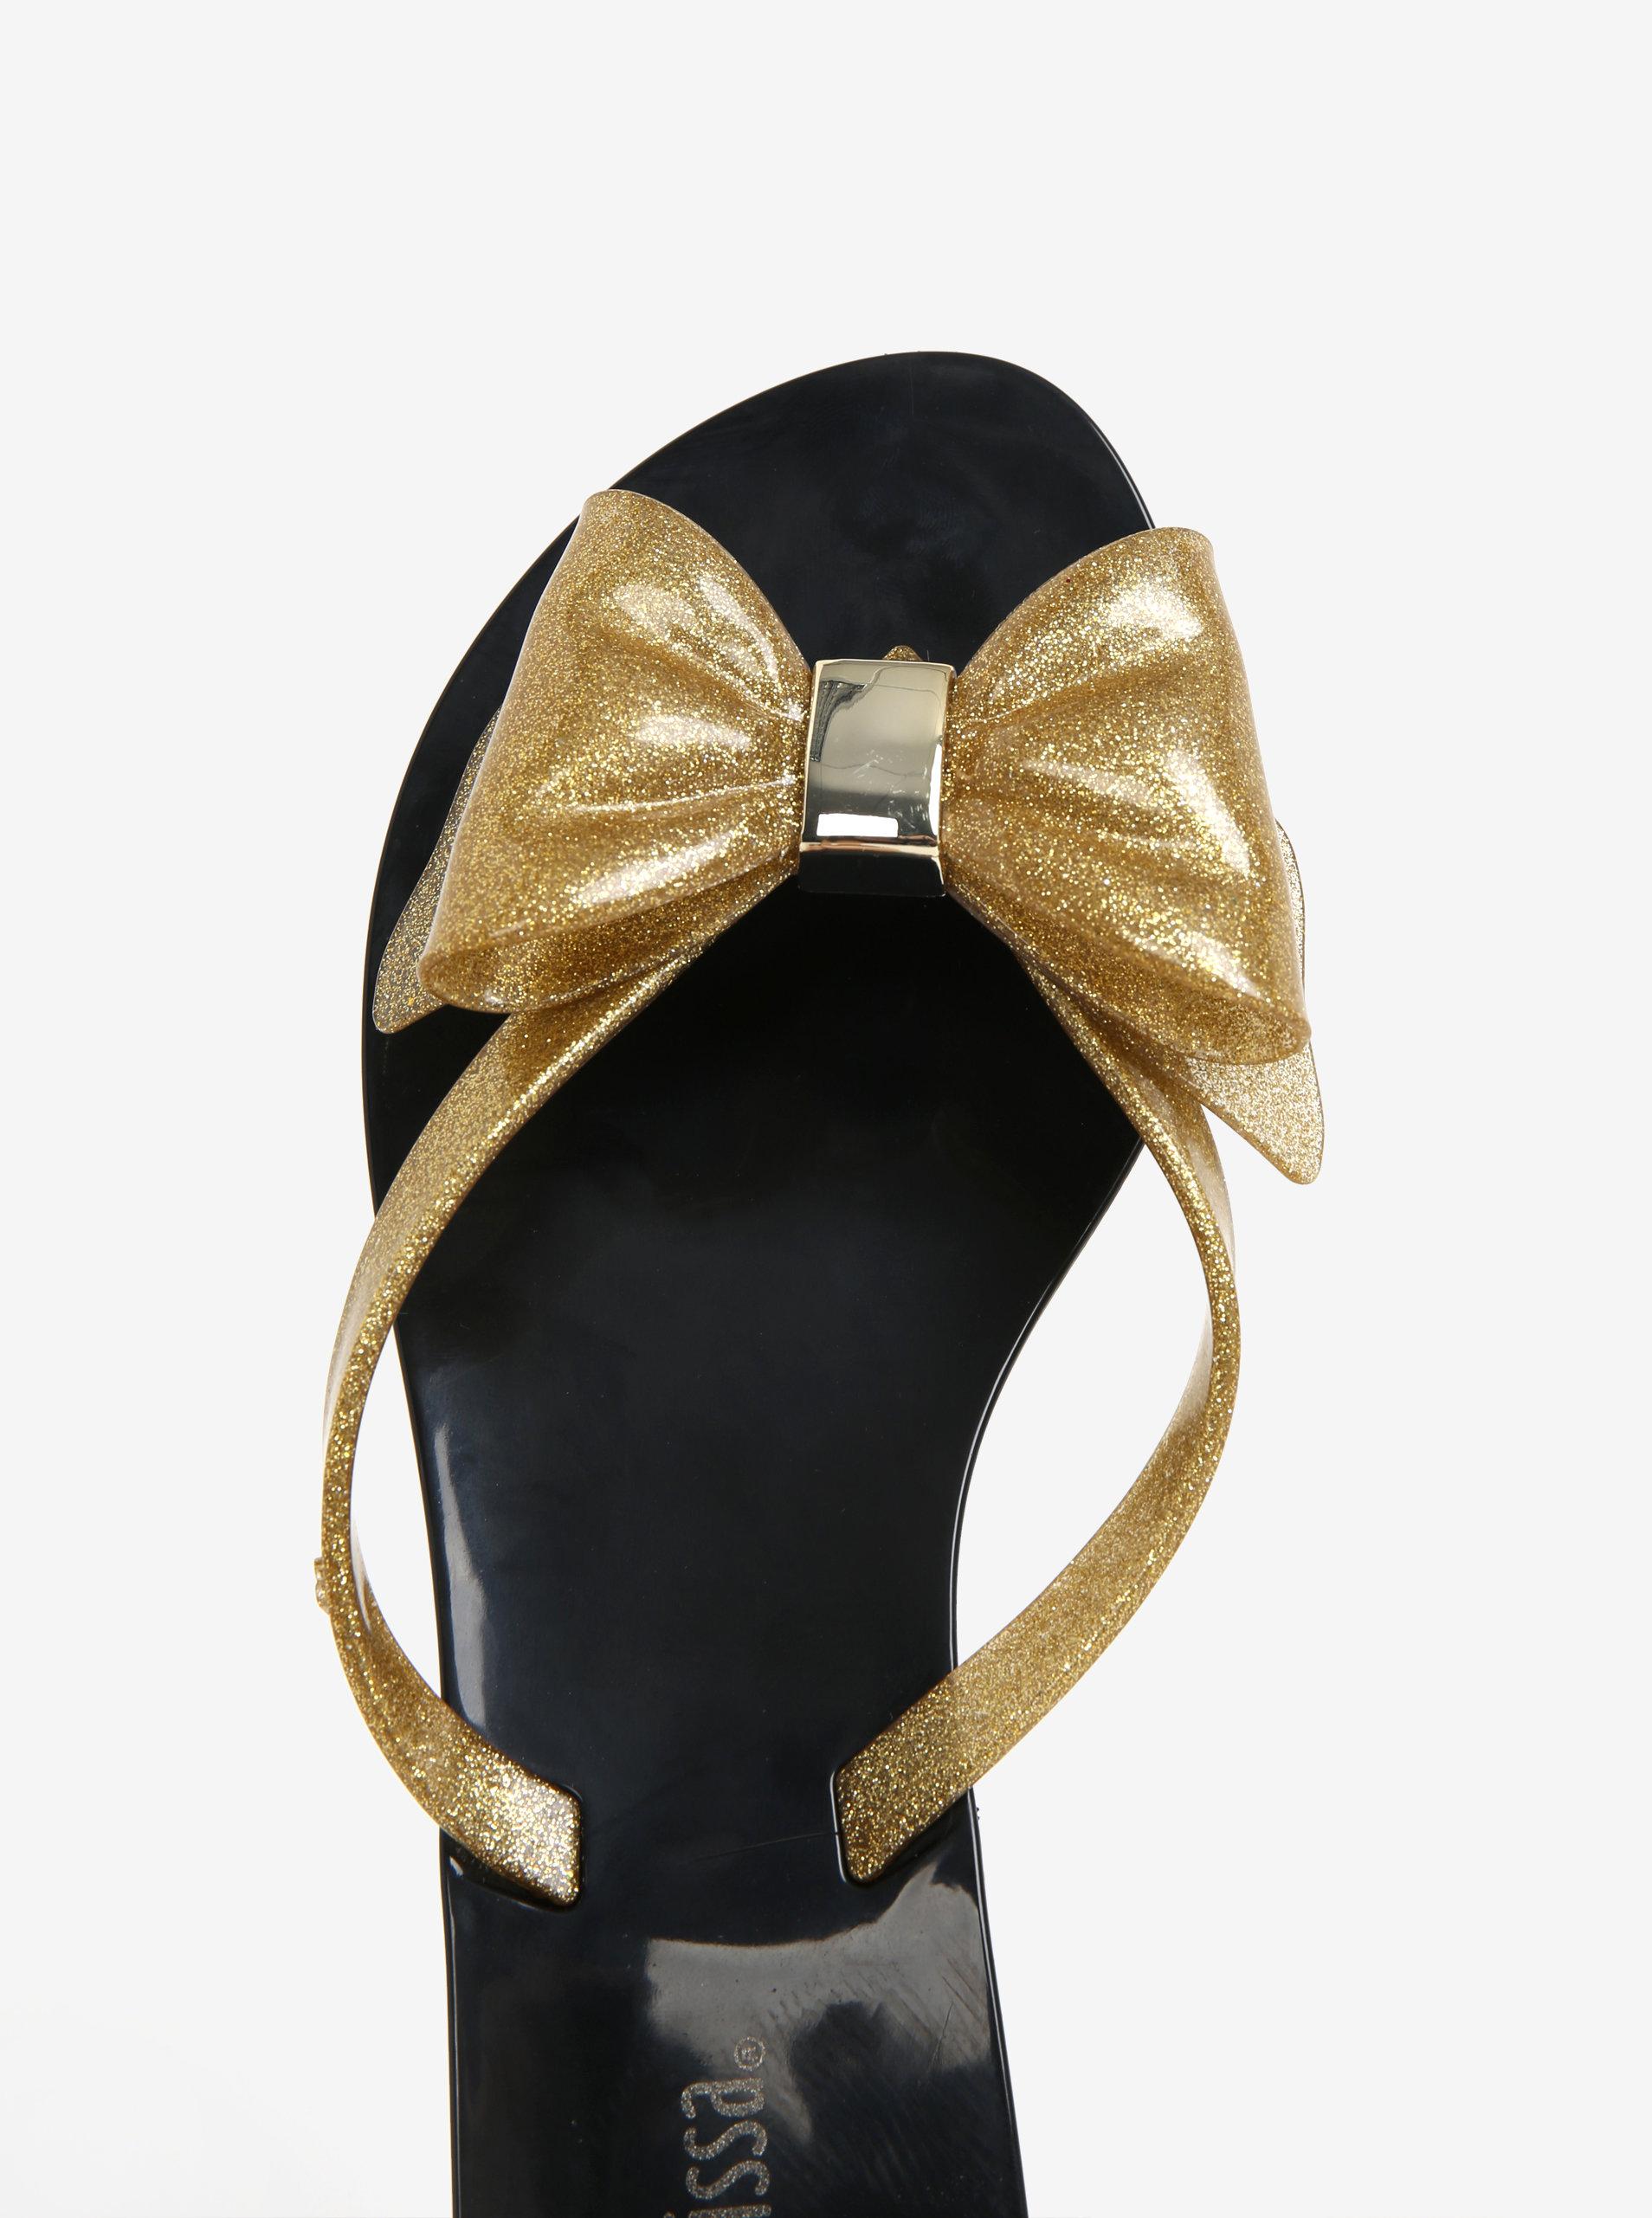 676a317d811 Žabky s mašlí na špičce v černo-zlaté barvě Melissa Harmonic ...